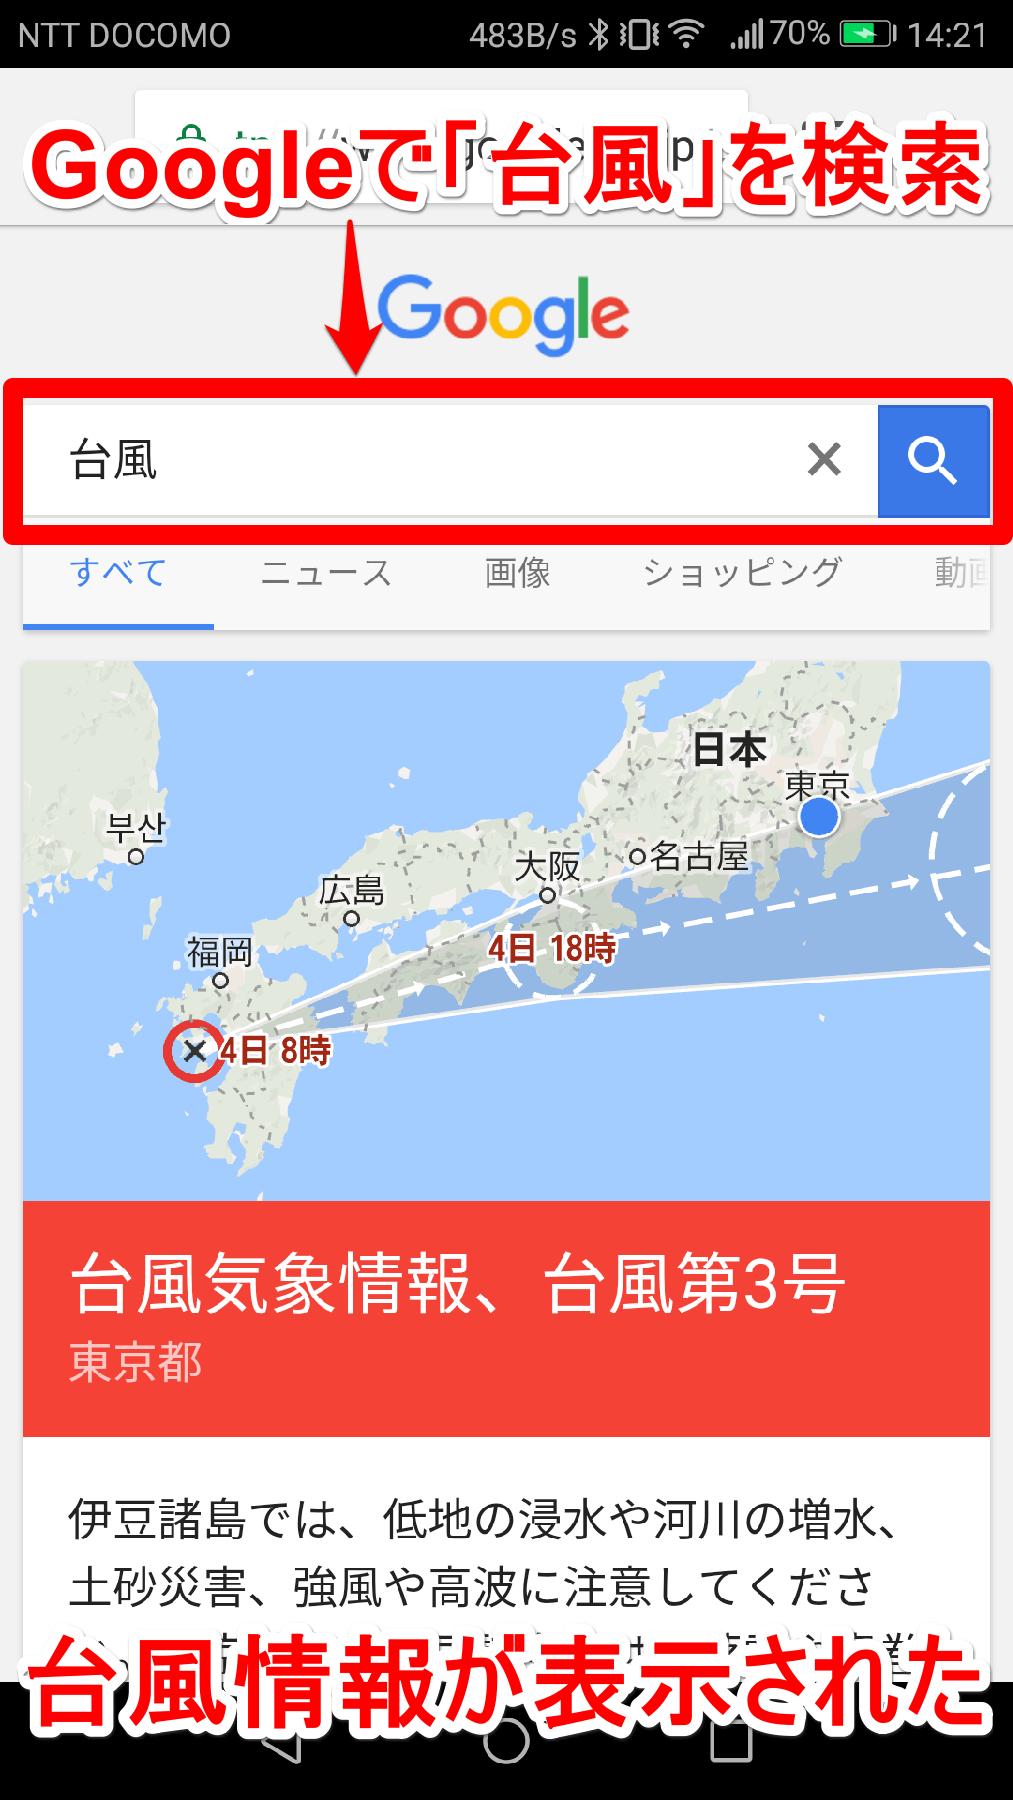 Google(グーグル)で「台風」を検索した画面